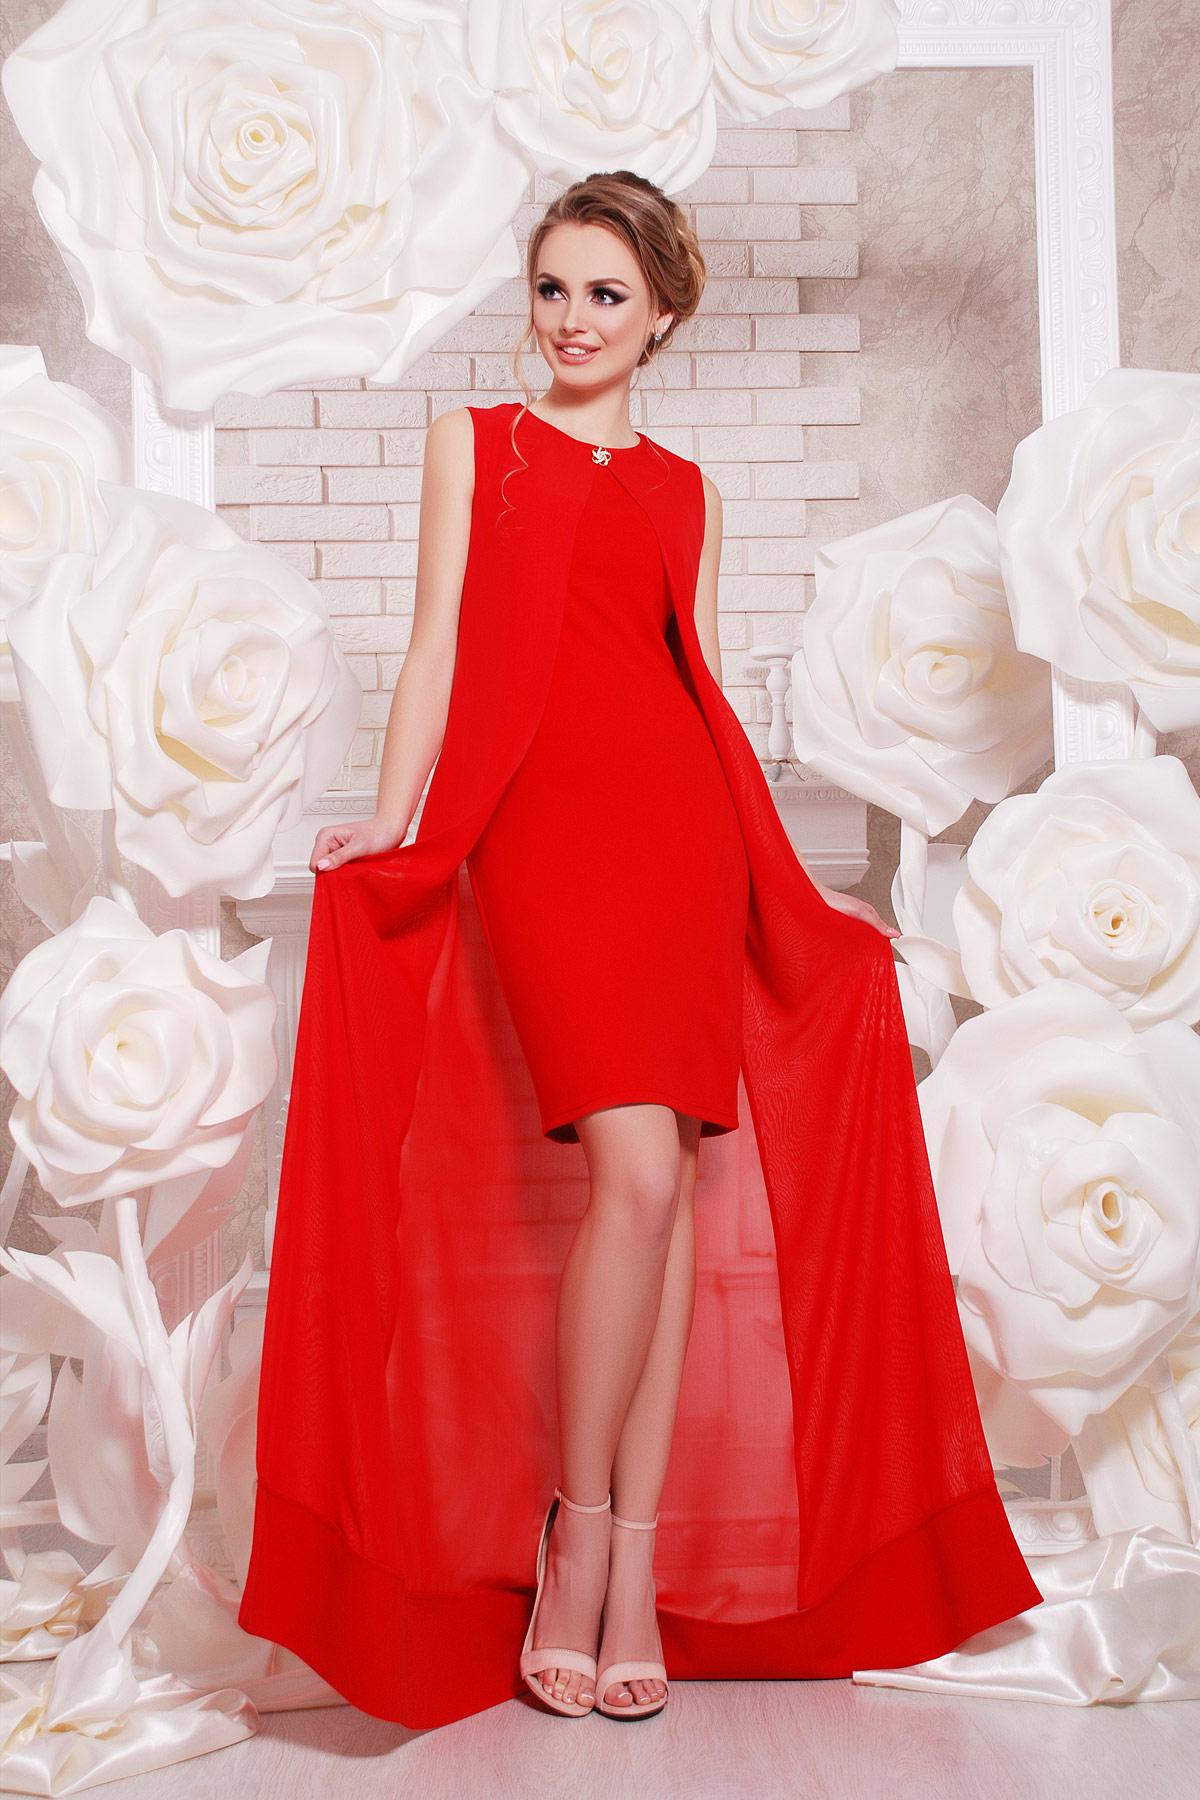 2086c0bf3ea Красное платье с шифоновой накидкой. платье Ясмина б р. Цвет  красный